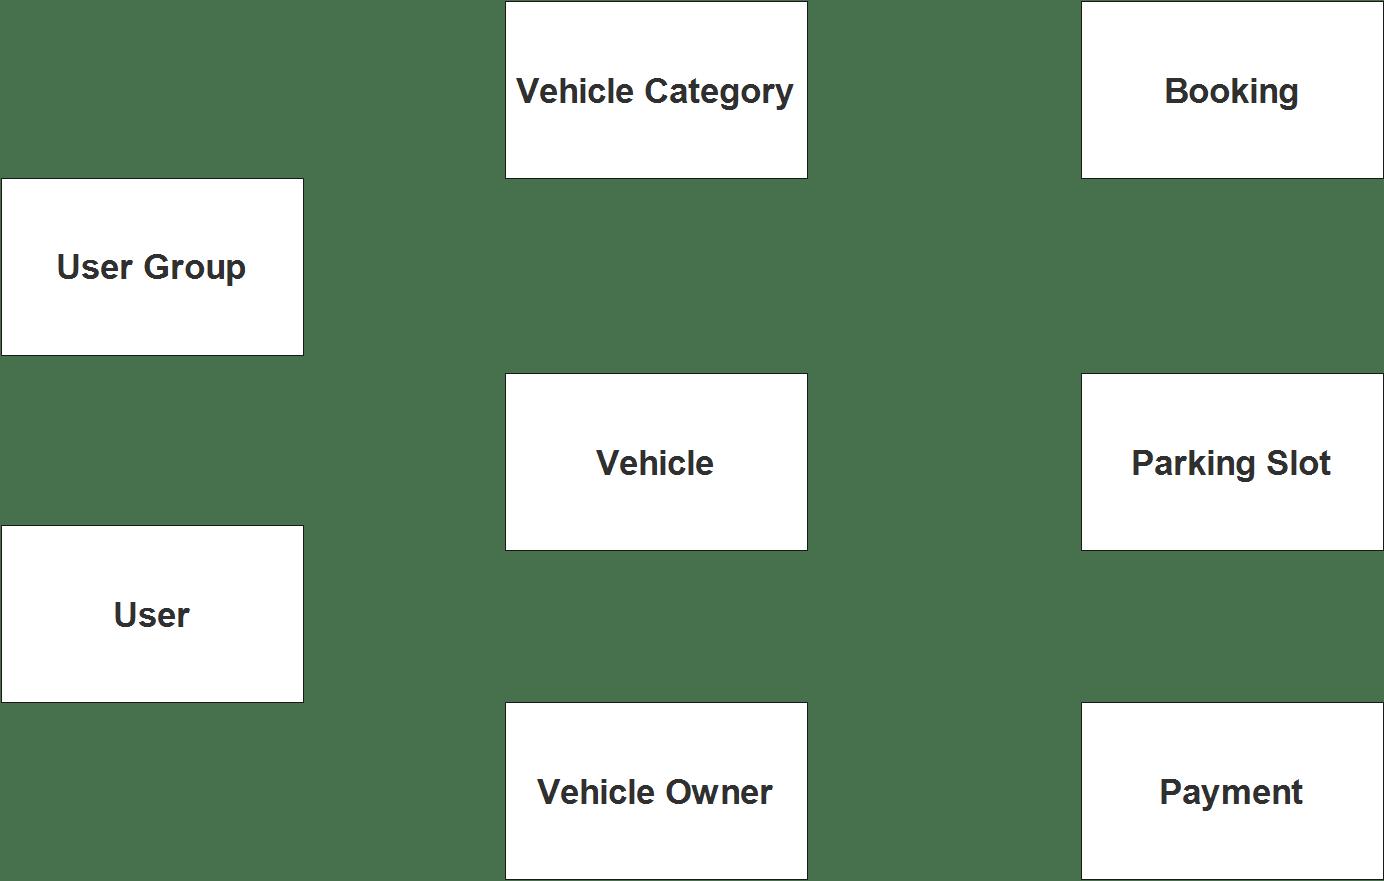 Diagramme ER du système de gestion du stationnement du véhicule - Étape 1 Identifier les entités  Schéma ER du système de gestion du stationnement du véhicule Schema ER du systeme de gestion du stationnement du vehicule